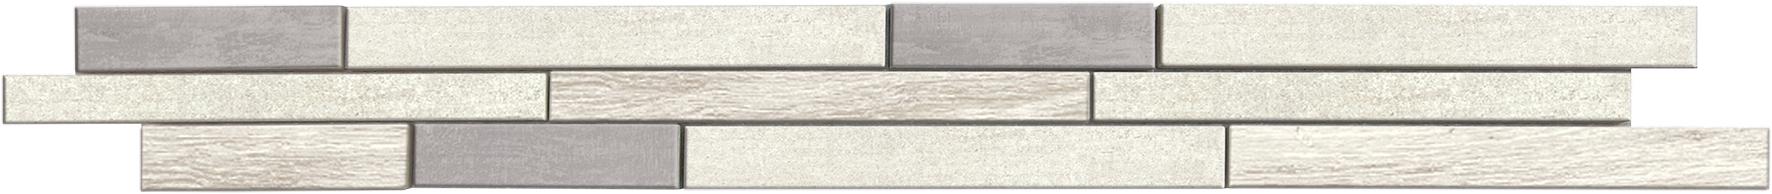 Listello Skema White Clay